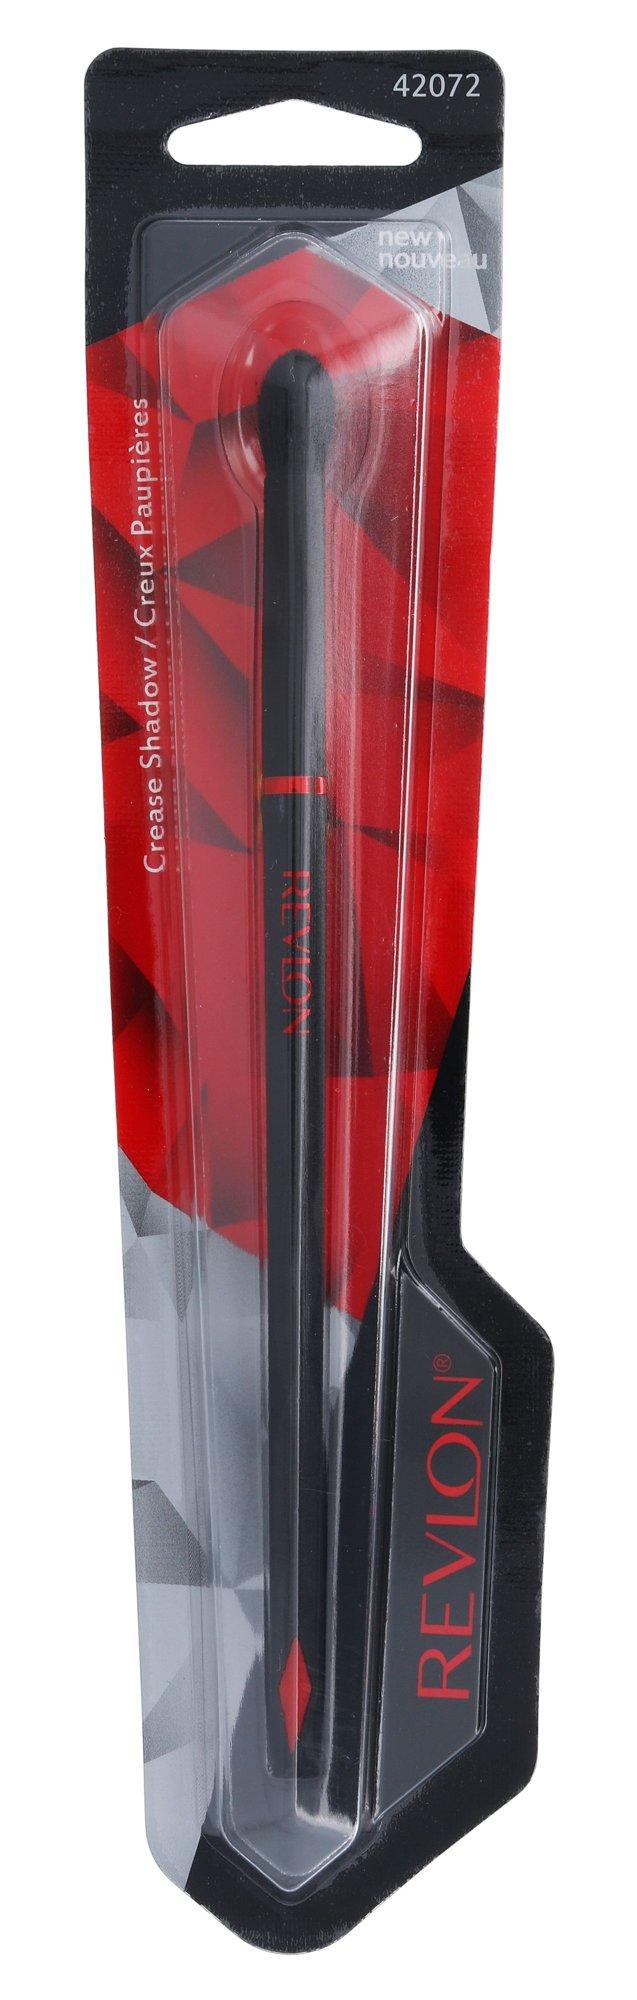 Revlon ExpertFX Cosmetic 1ml